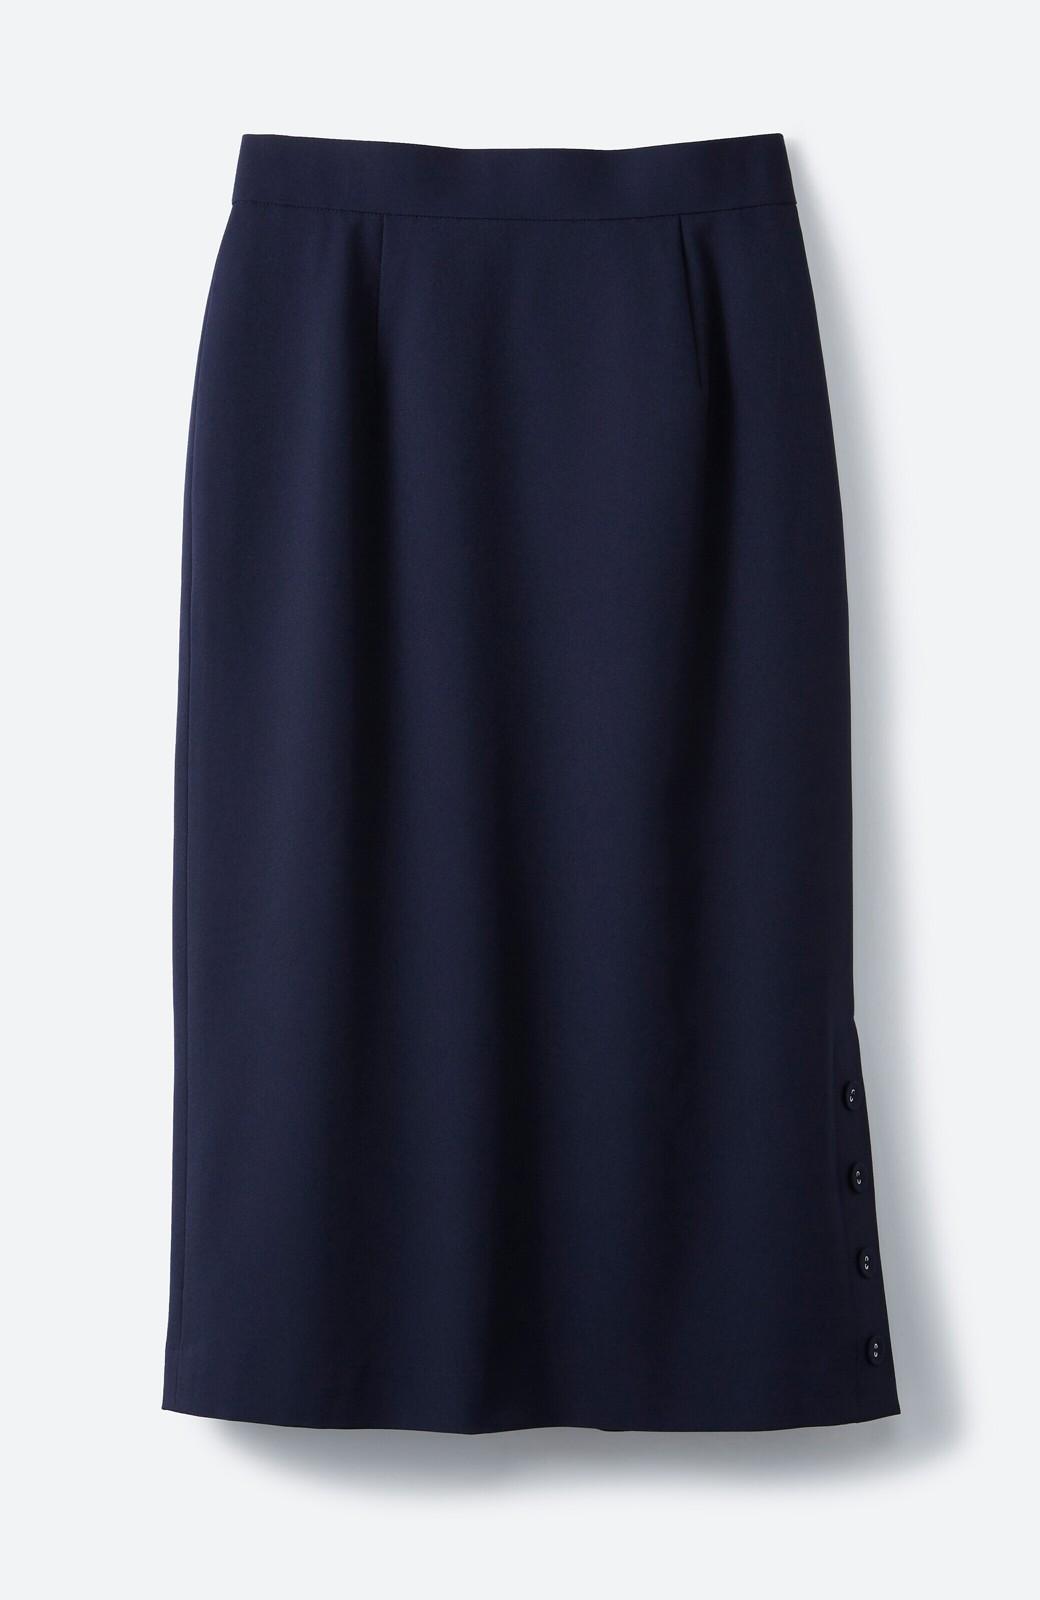 haco! 持っていると便利な野暮ったくならないフォーマルジャケット・スカートの2点セット <ダークネイビー>の商品写真3